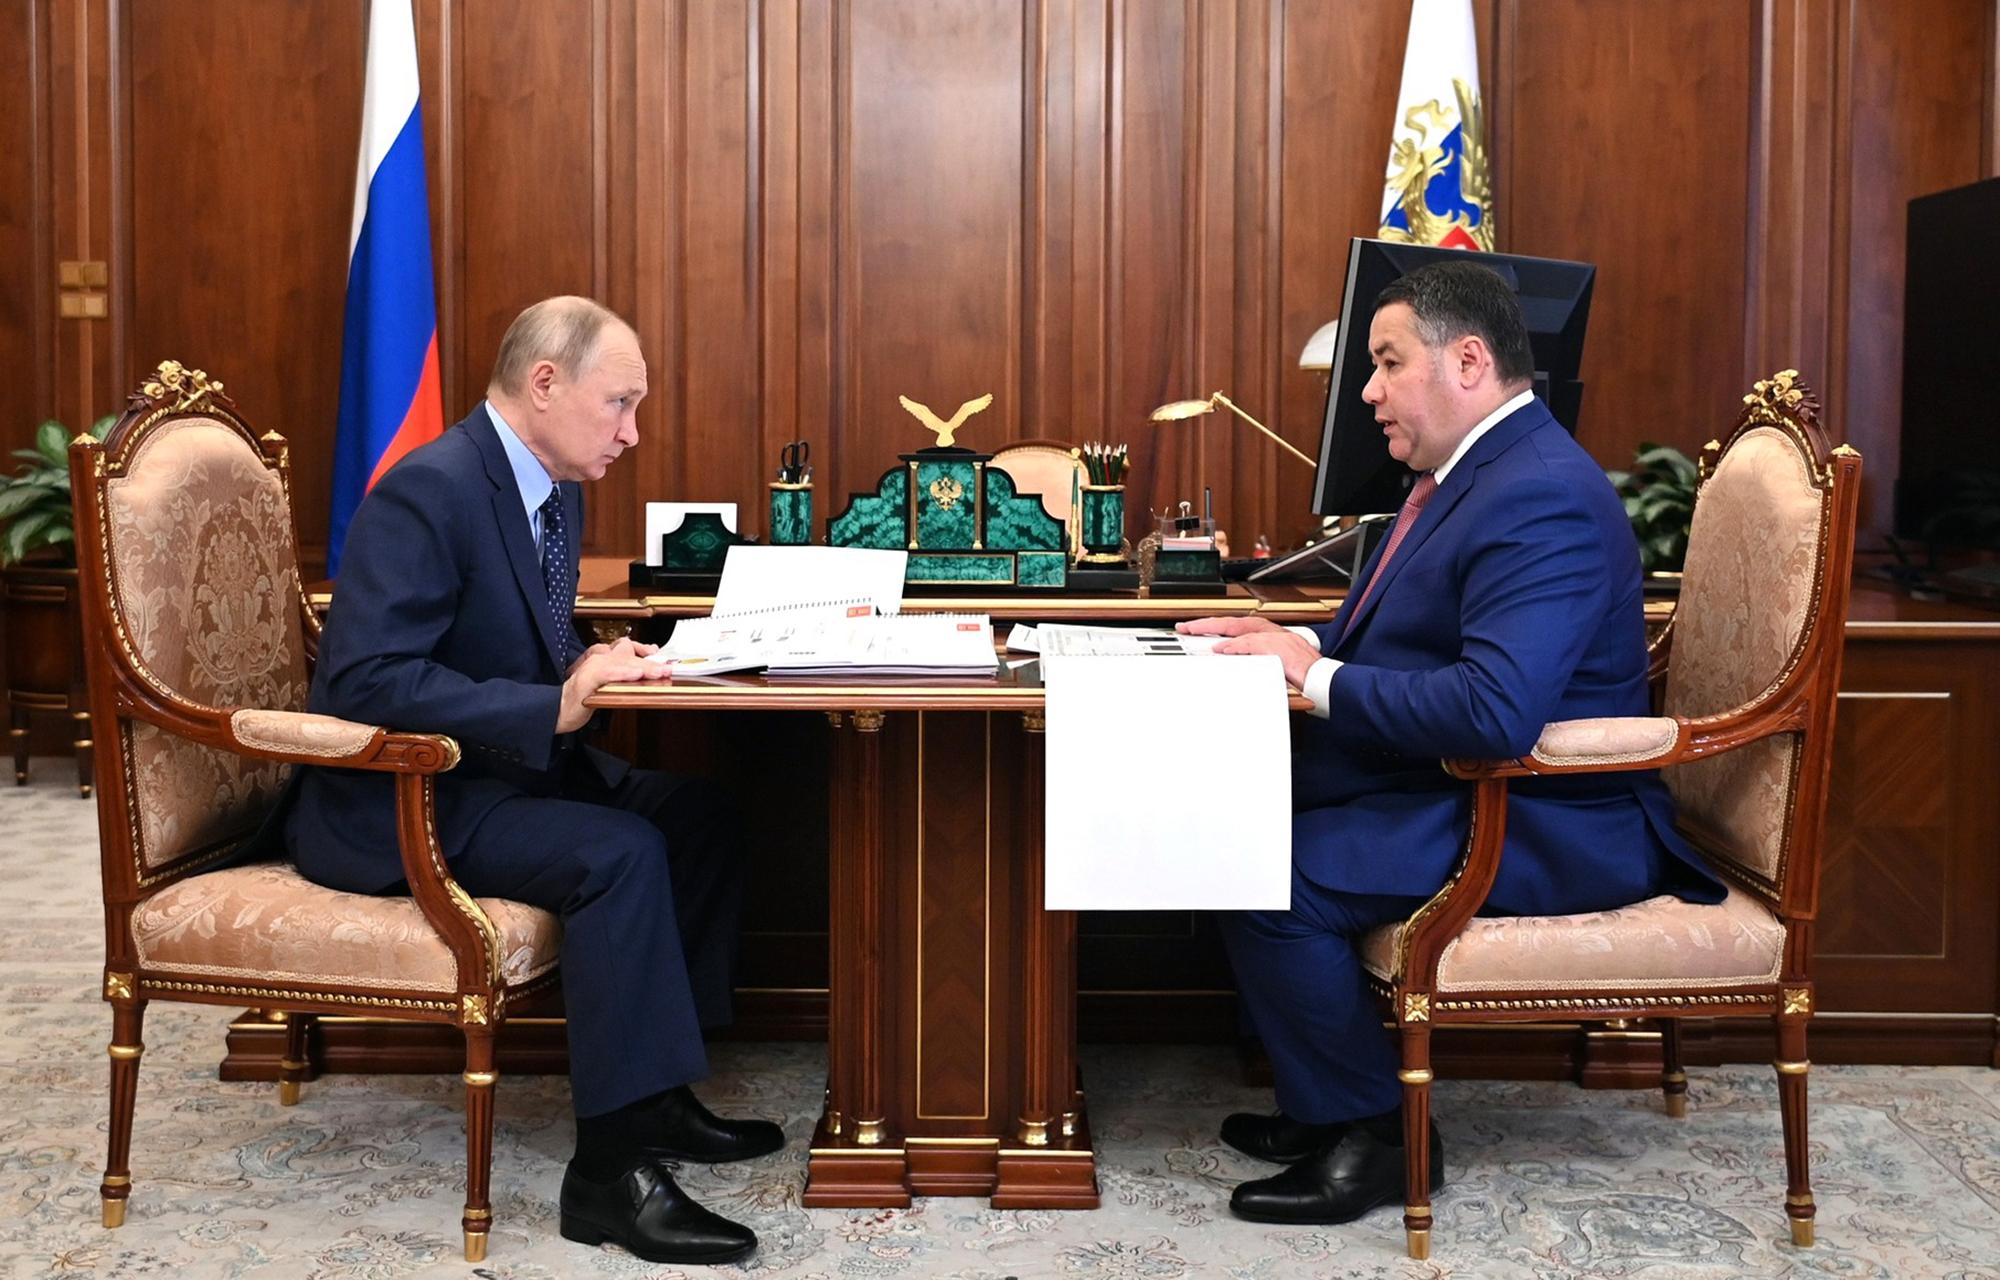 Встреча Владимира Путина и Игоря Рудени вошла в «Губернаторскую повестку»